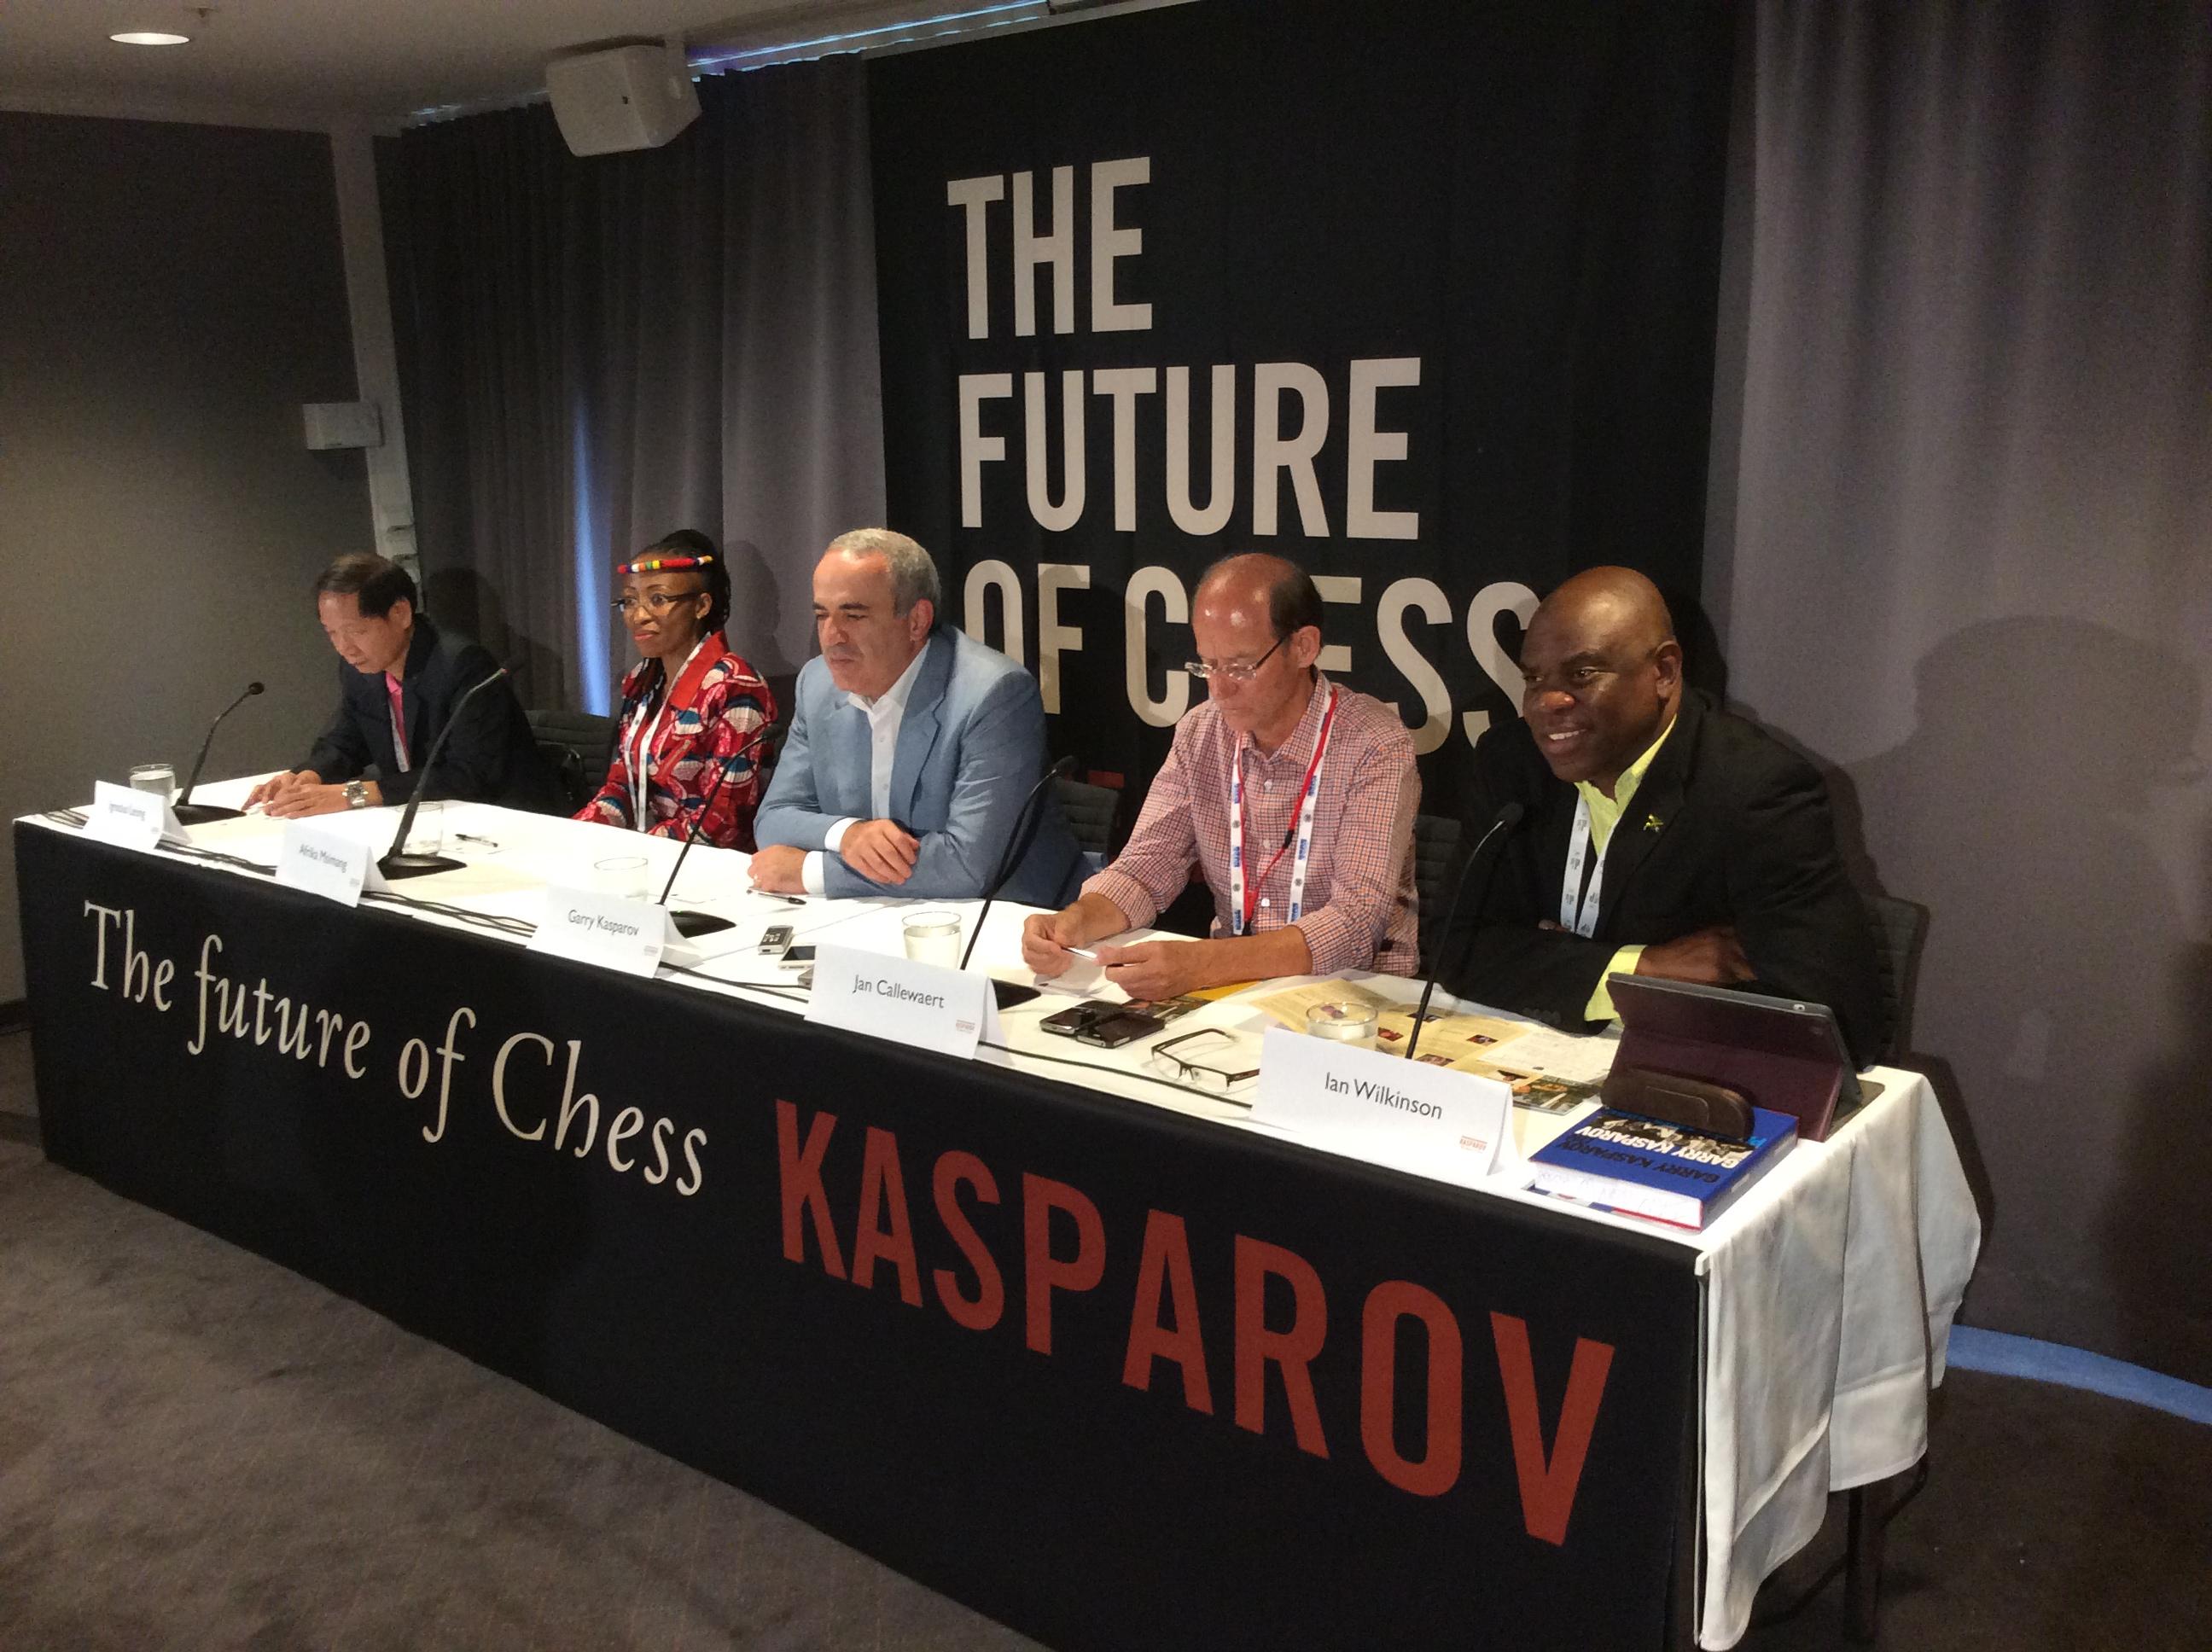 Пресс-конференция 4 августа 2014 года